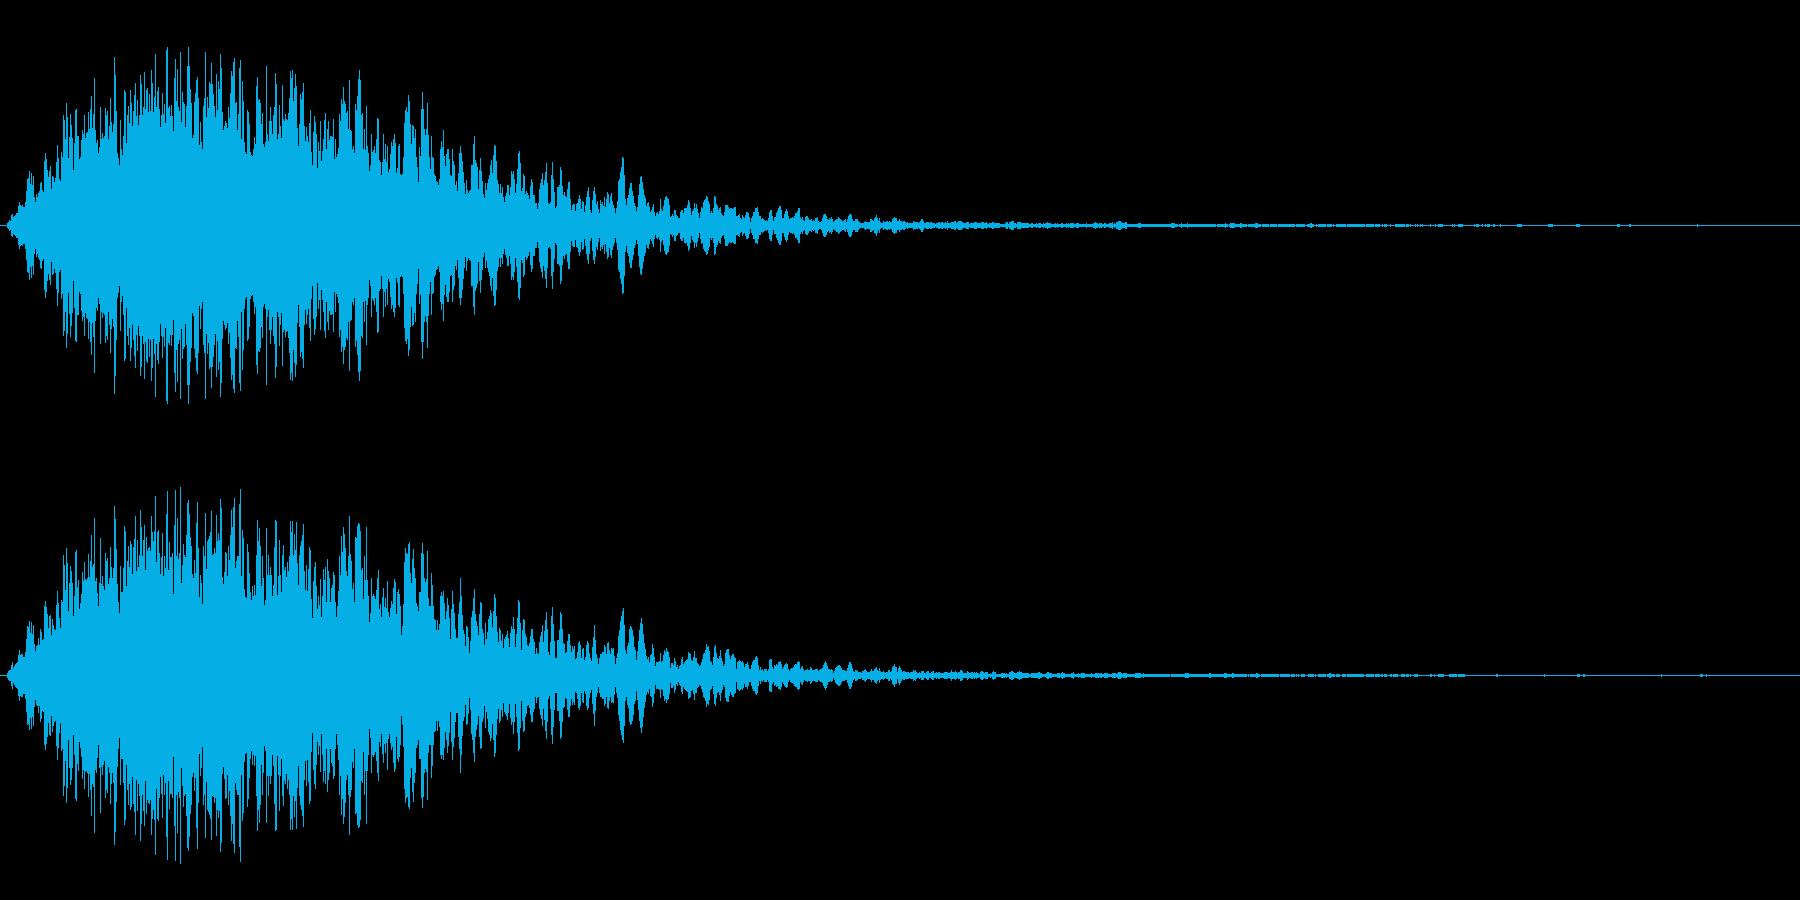 レーザービームの発射音の再生済みの波形